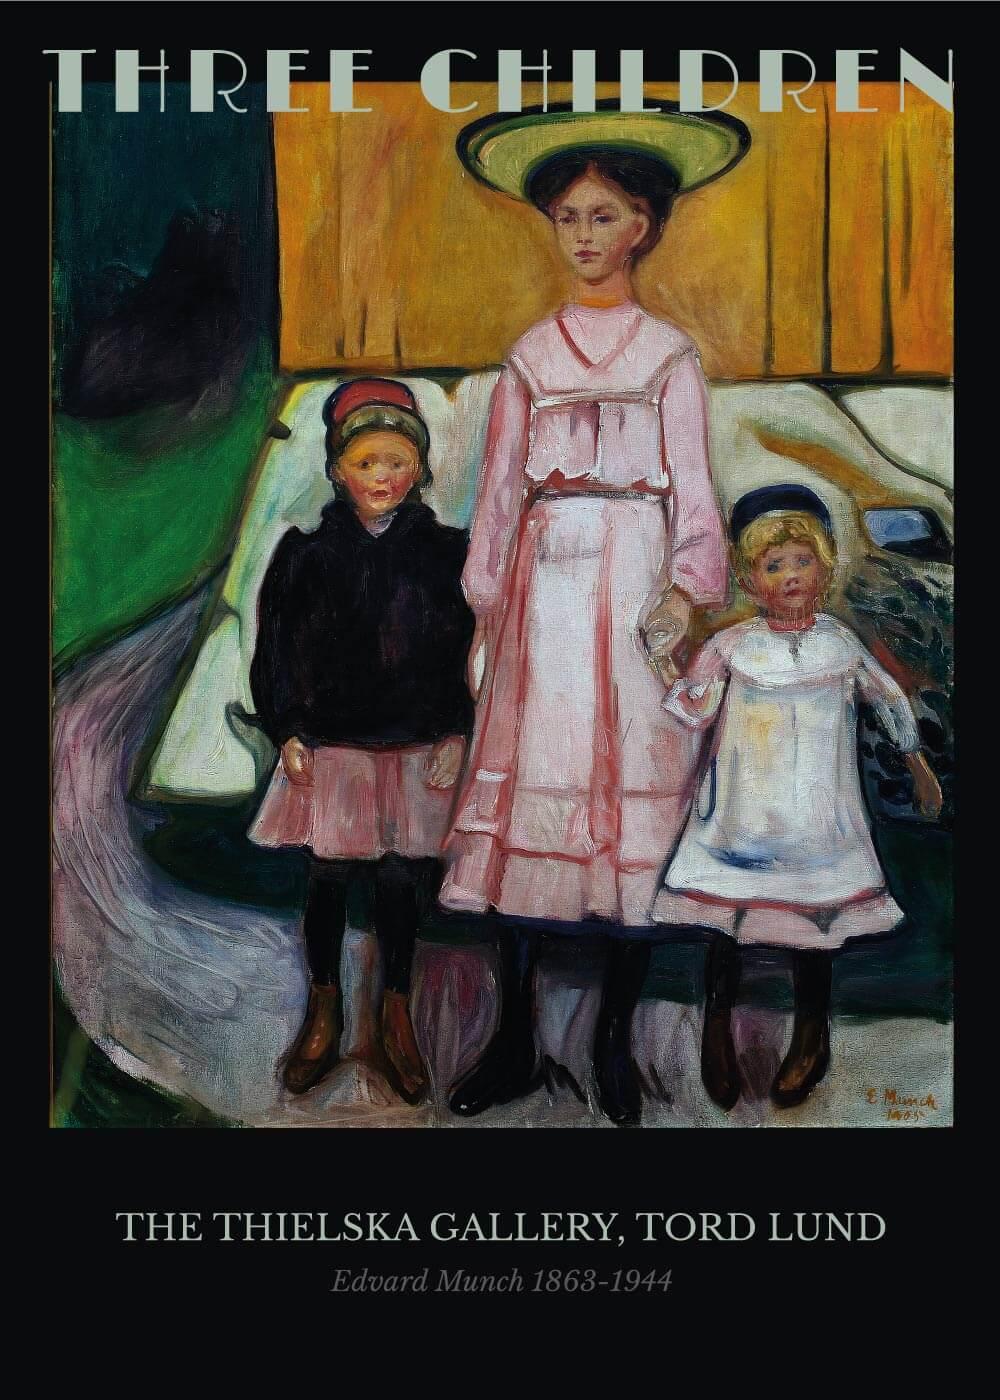 Billede af Three children - Edvard Munch